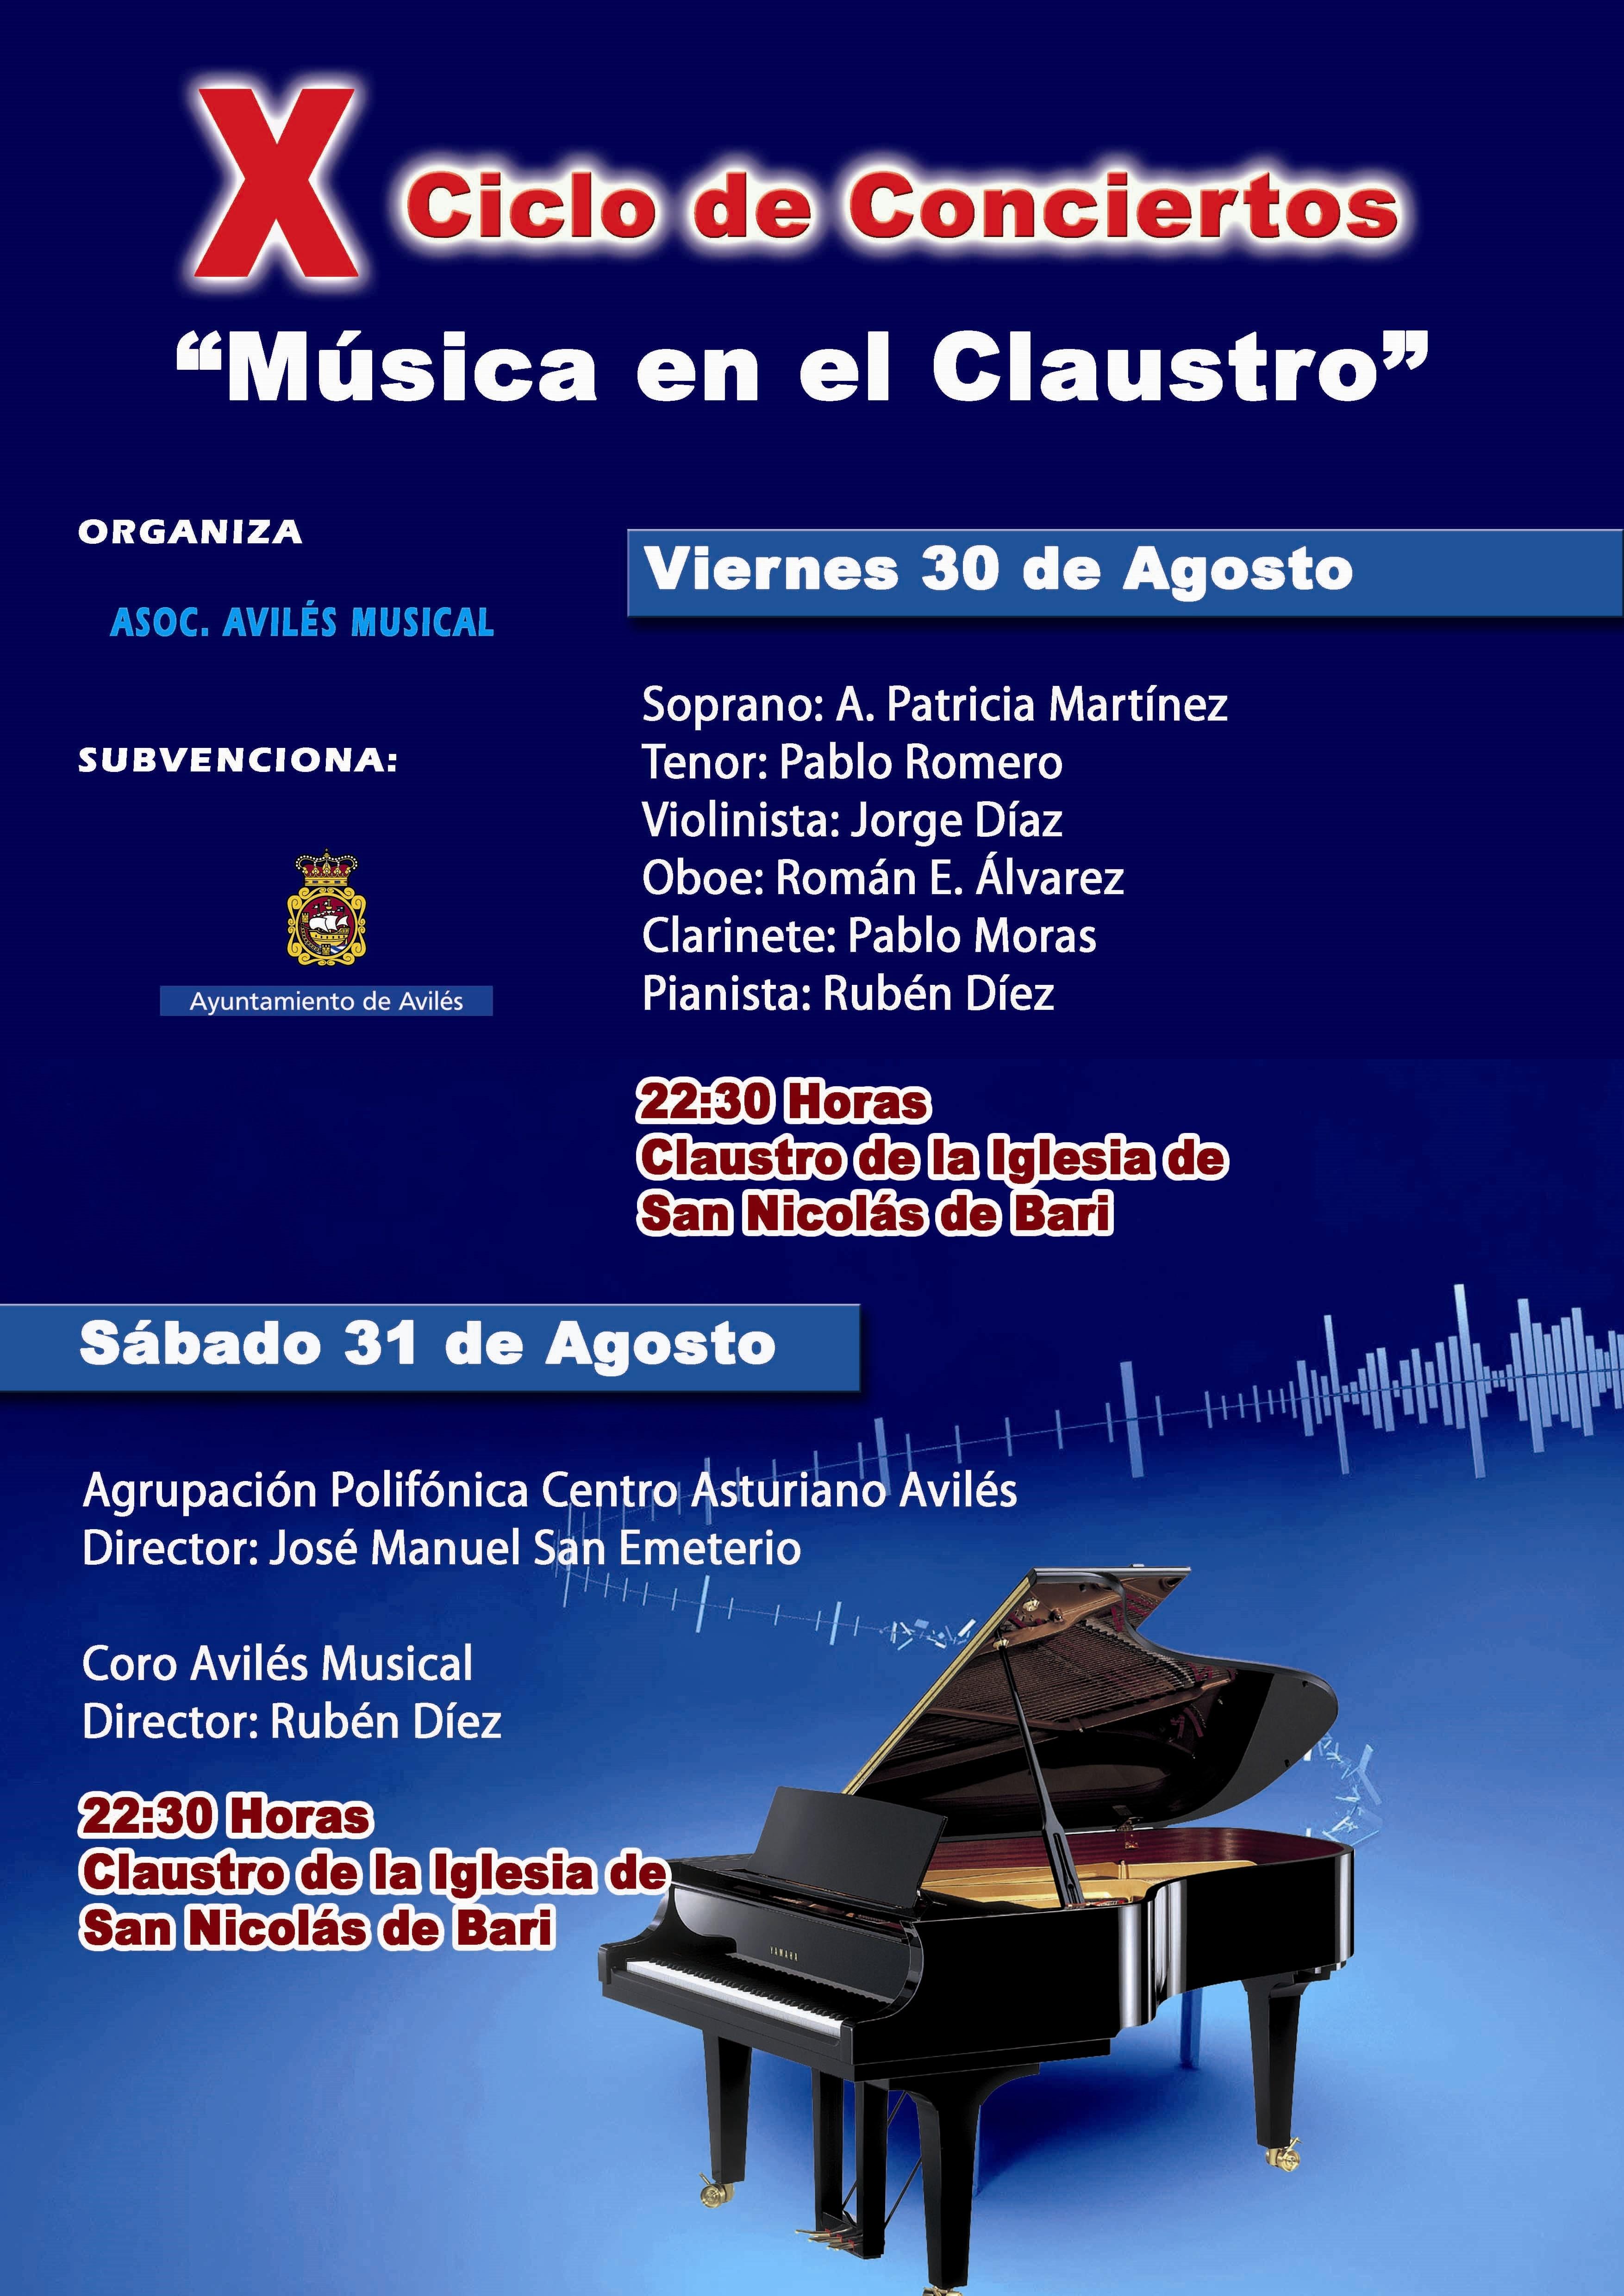 La ciudad celebra su X Ciclo de Música en el Claustro de la Iglesia de San Nicolás de Bari